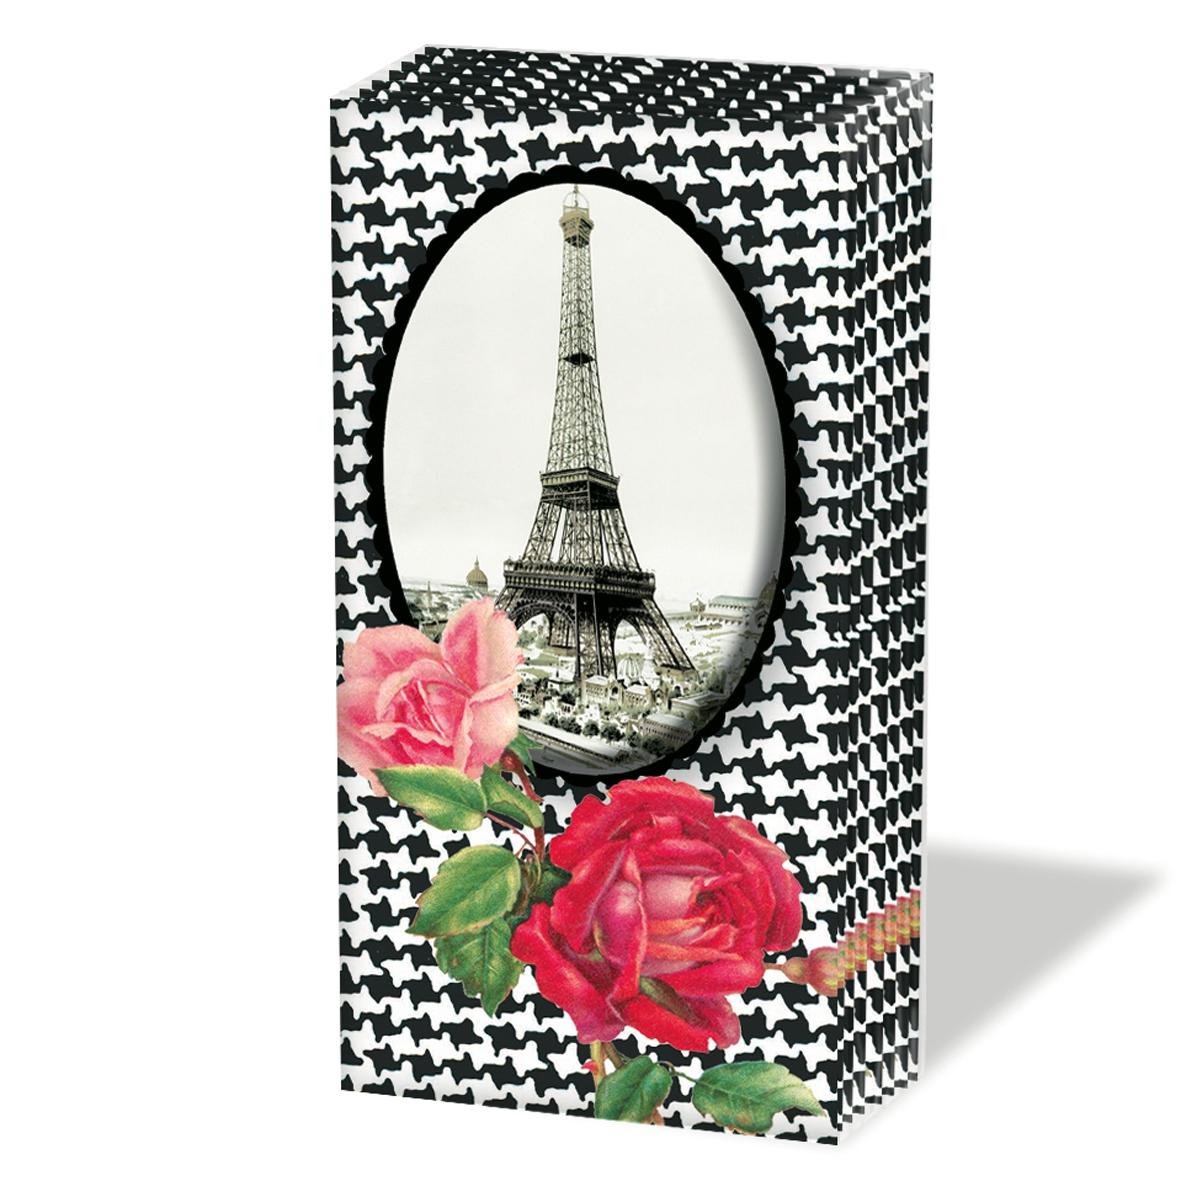 Taschentücher Tour Parisien,  Regionen,  Everyday,  bedruckte papiertaschentücher,  Paris,  Eiffelturm